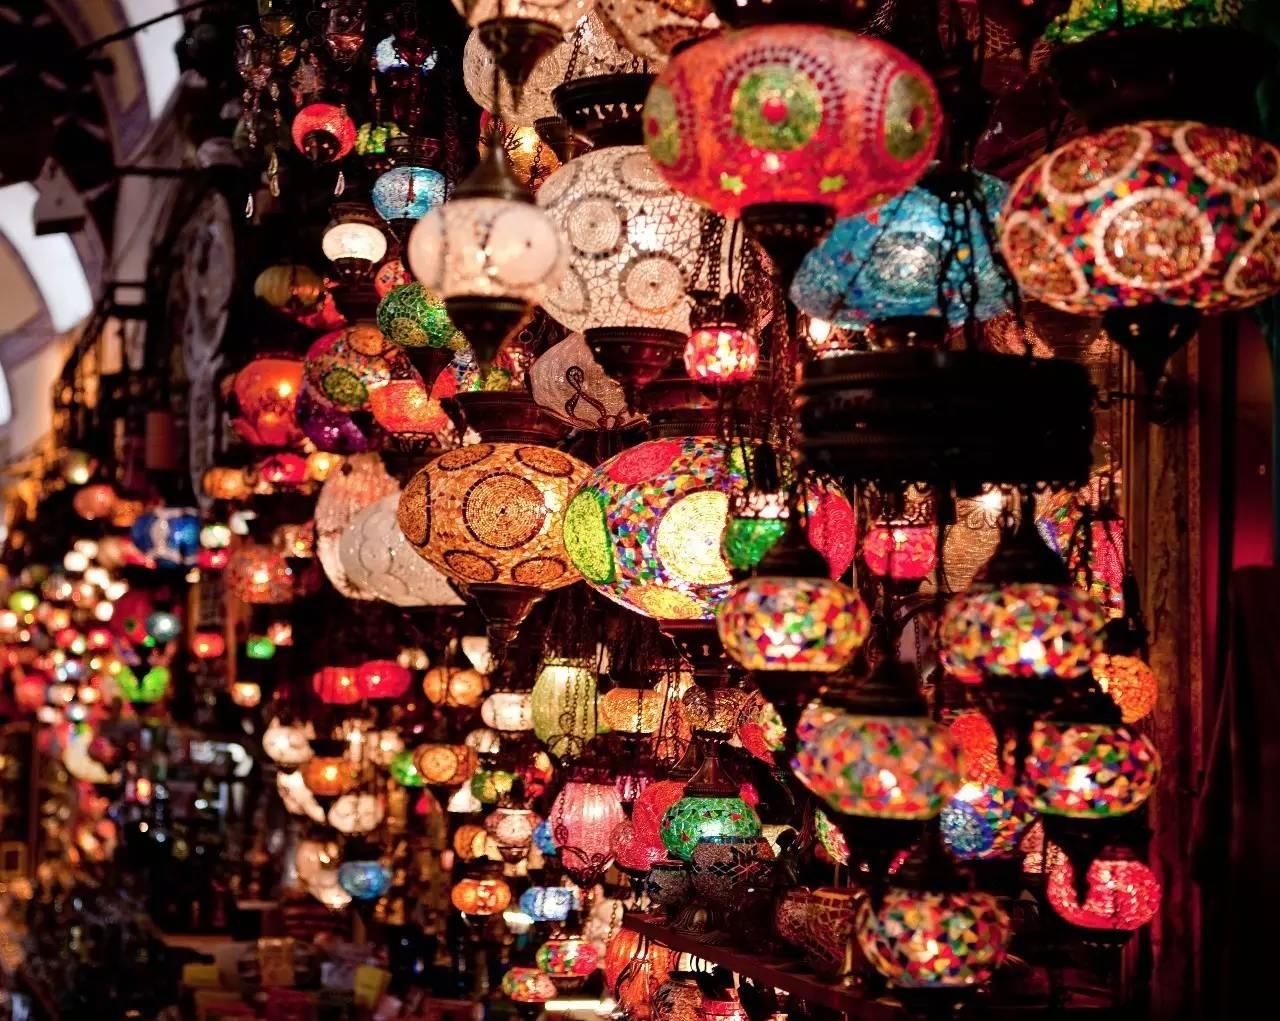 世界上最棒的市集,噢原来有一半在亚洲